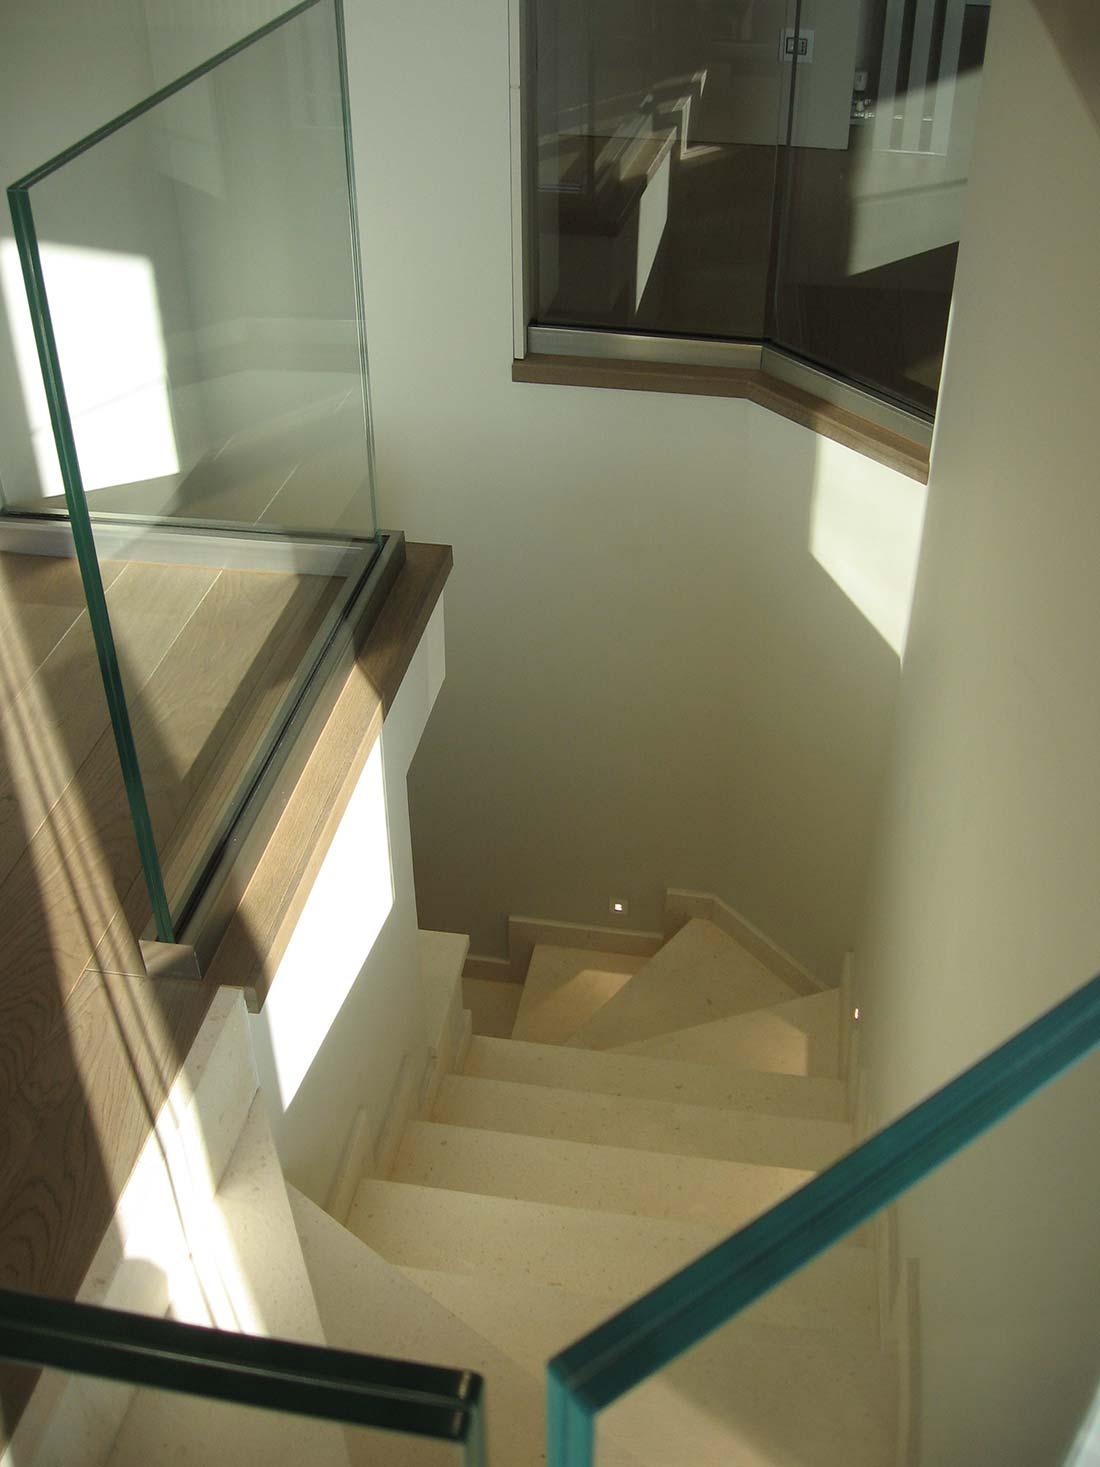 Architettura e interior design multipiano monza cardin for Architettura e design milano